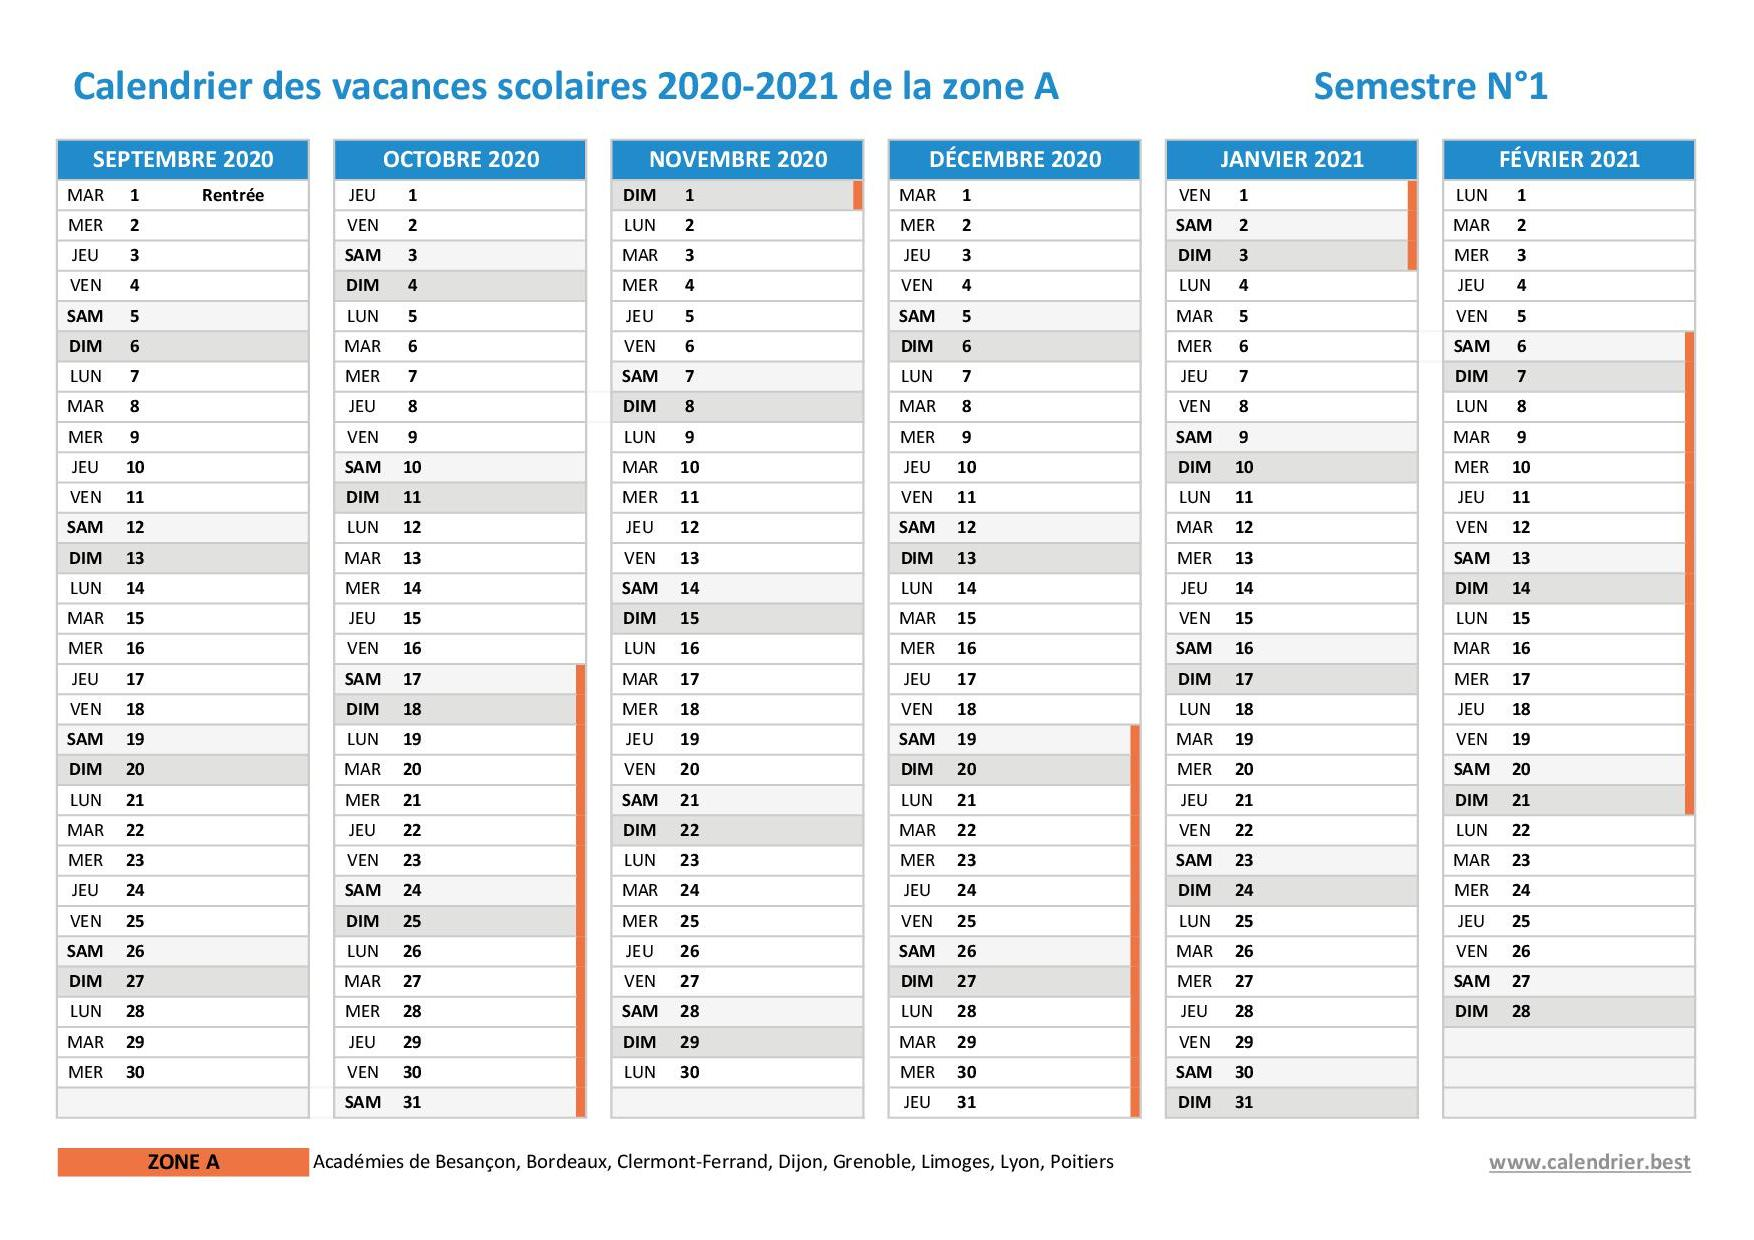 Vacances scolaires 2020 2021 Bordeaux : dates et calendrier